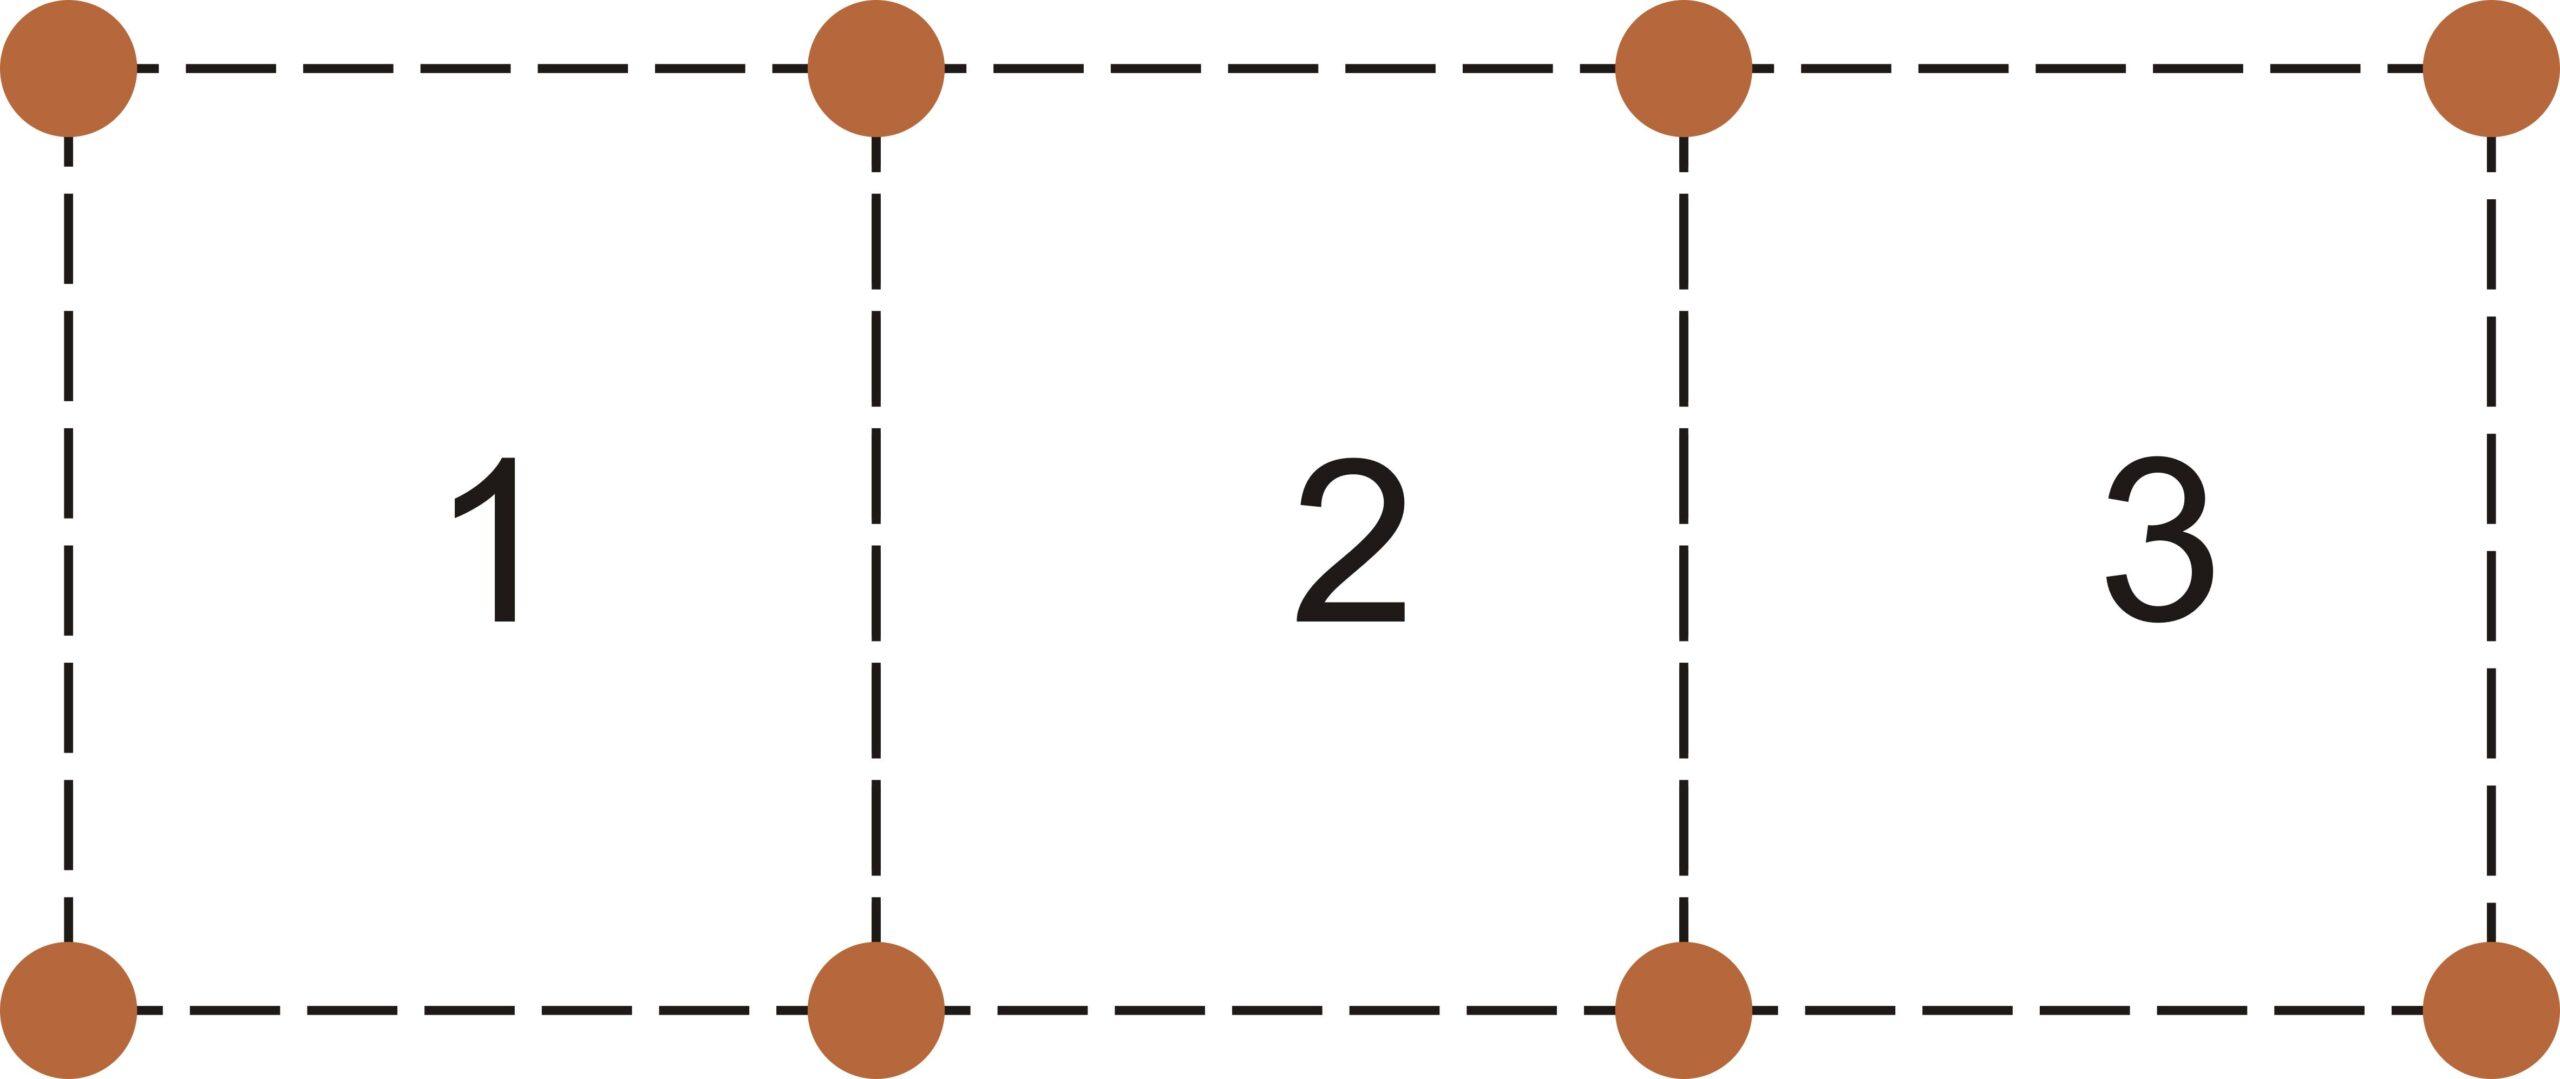 Средство для ускоренного приготовление компоста - Водограй Компост. Схема формирования компостных ящиков.